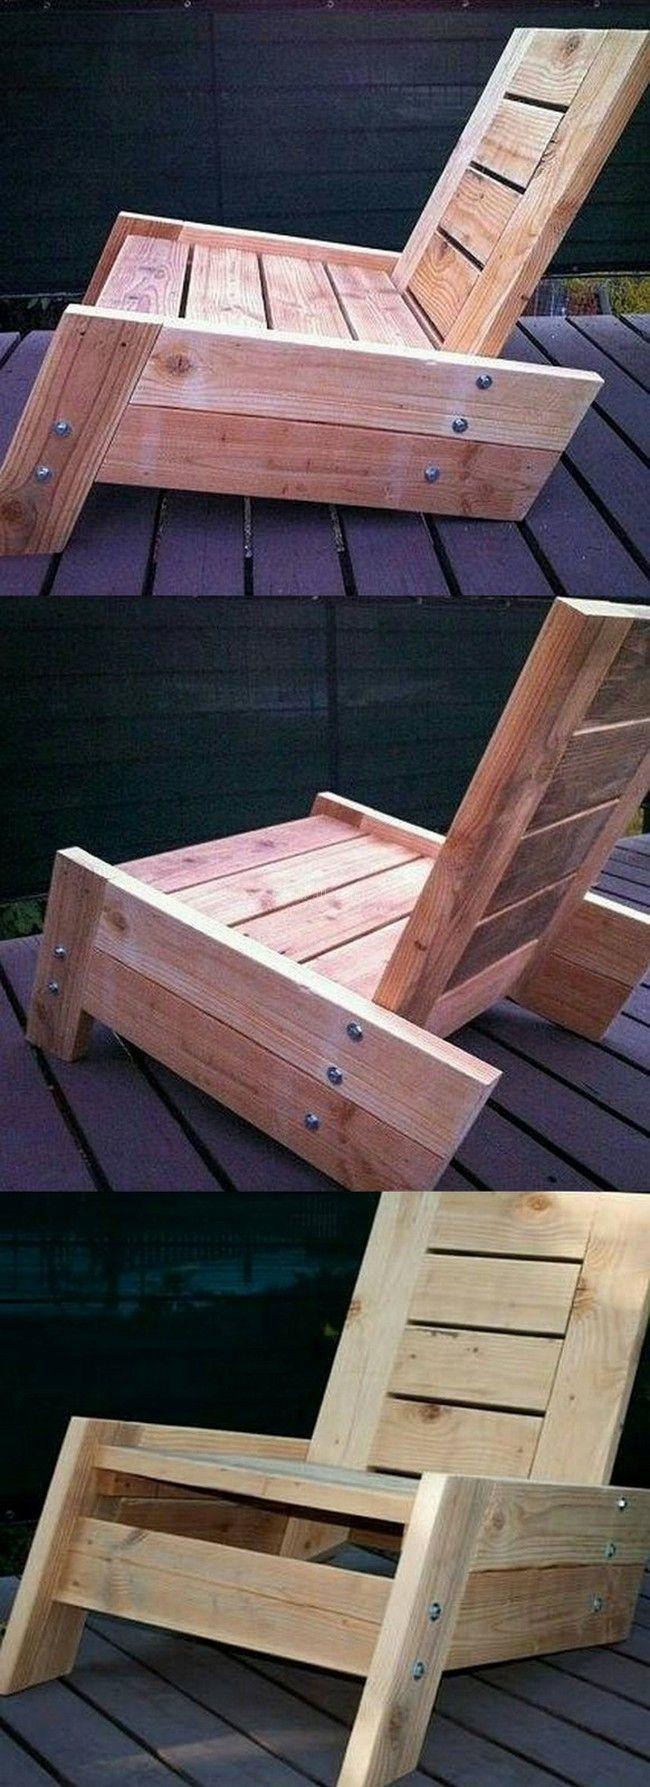 55 Excellent Minimalist DIY Wooden Furniture …